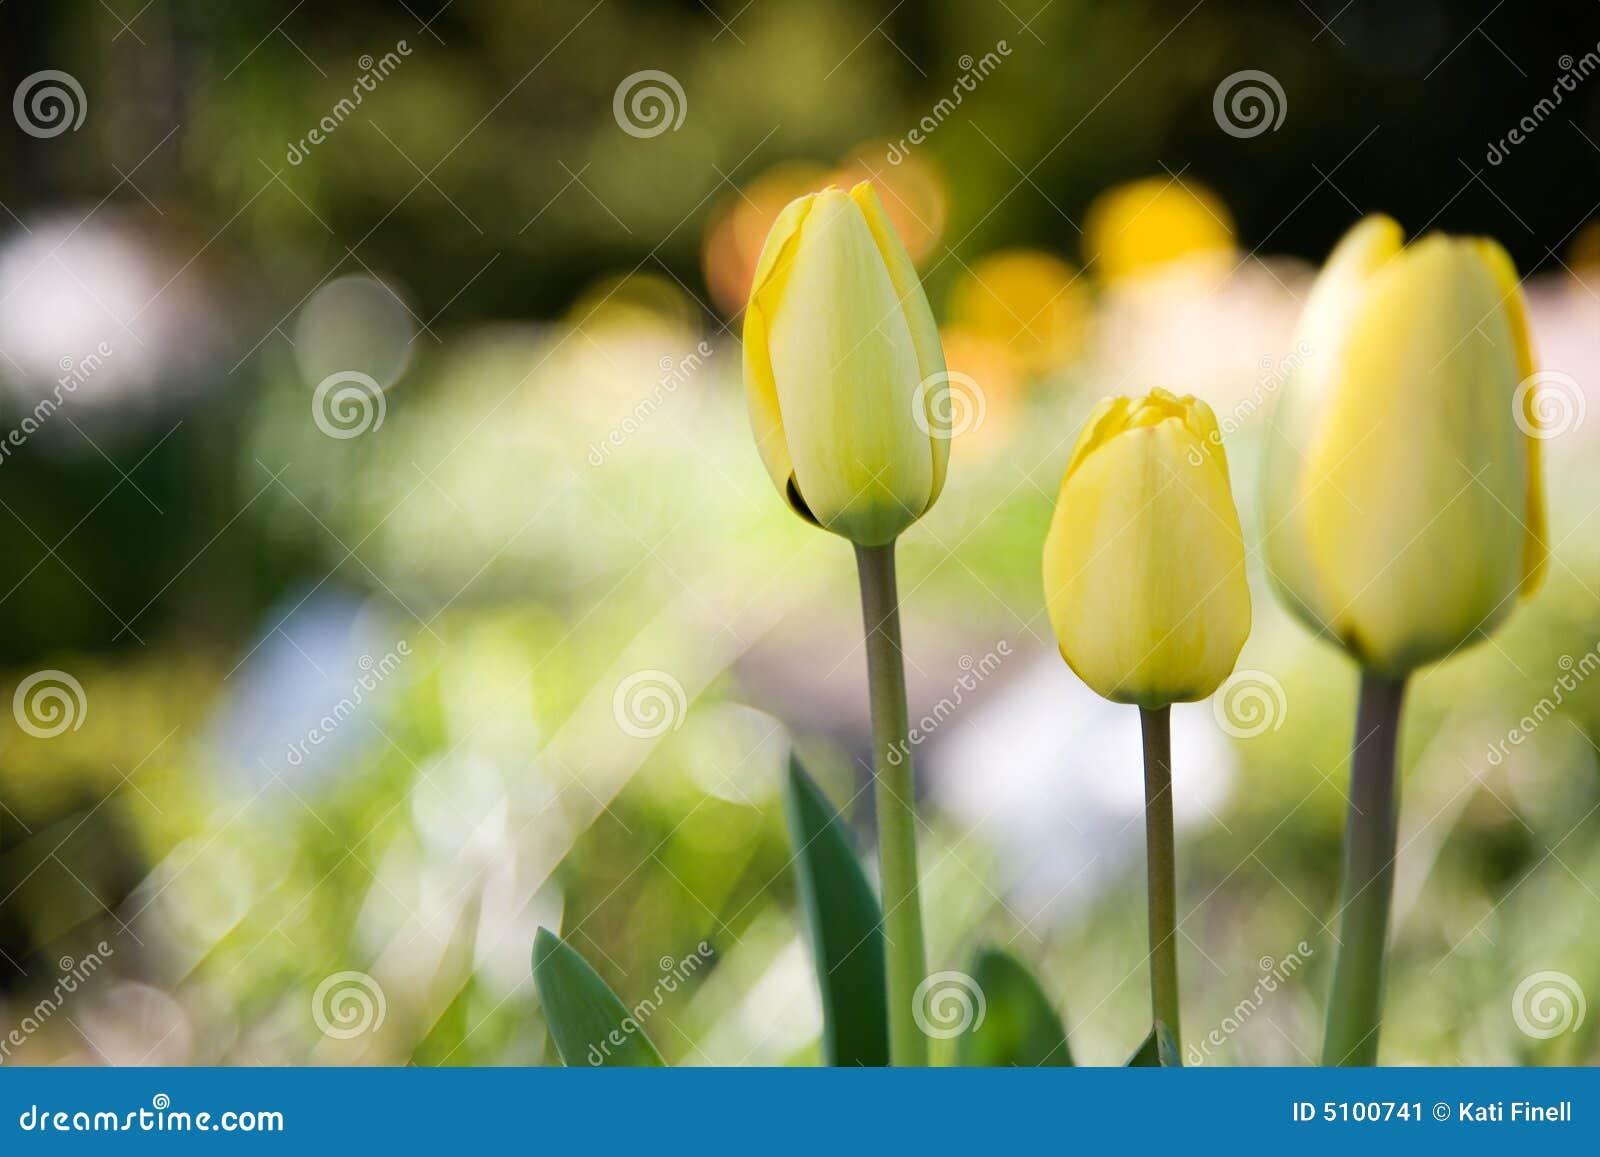 Tulips amarelos